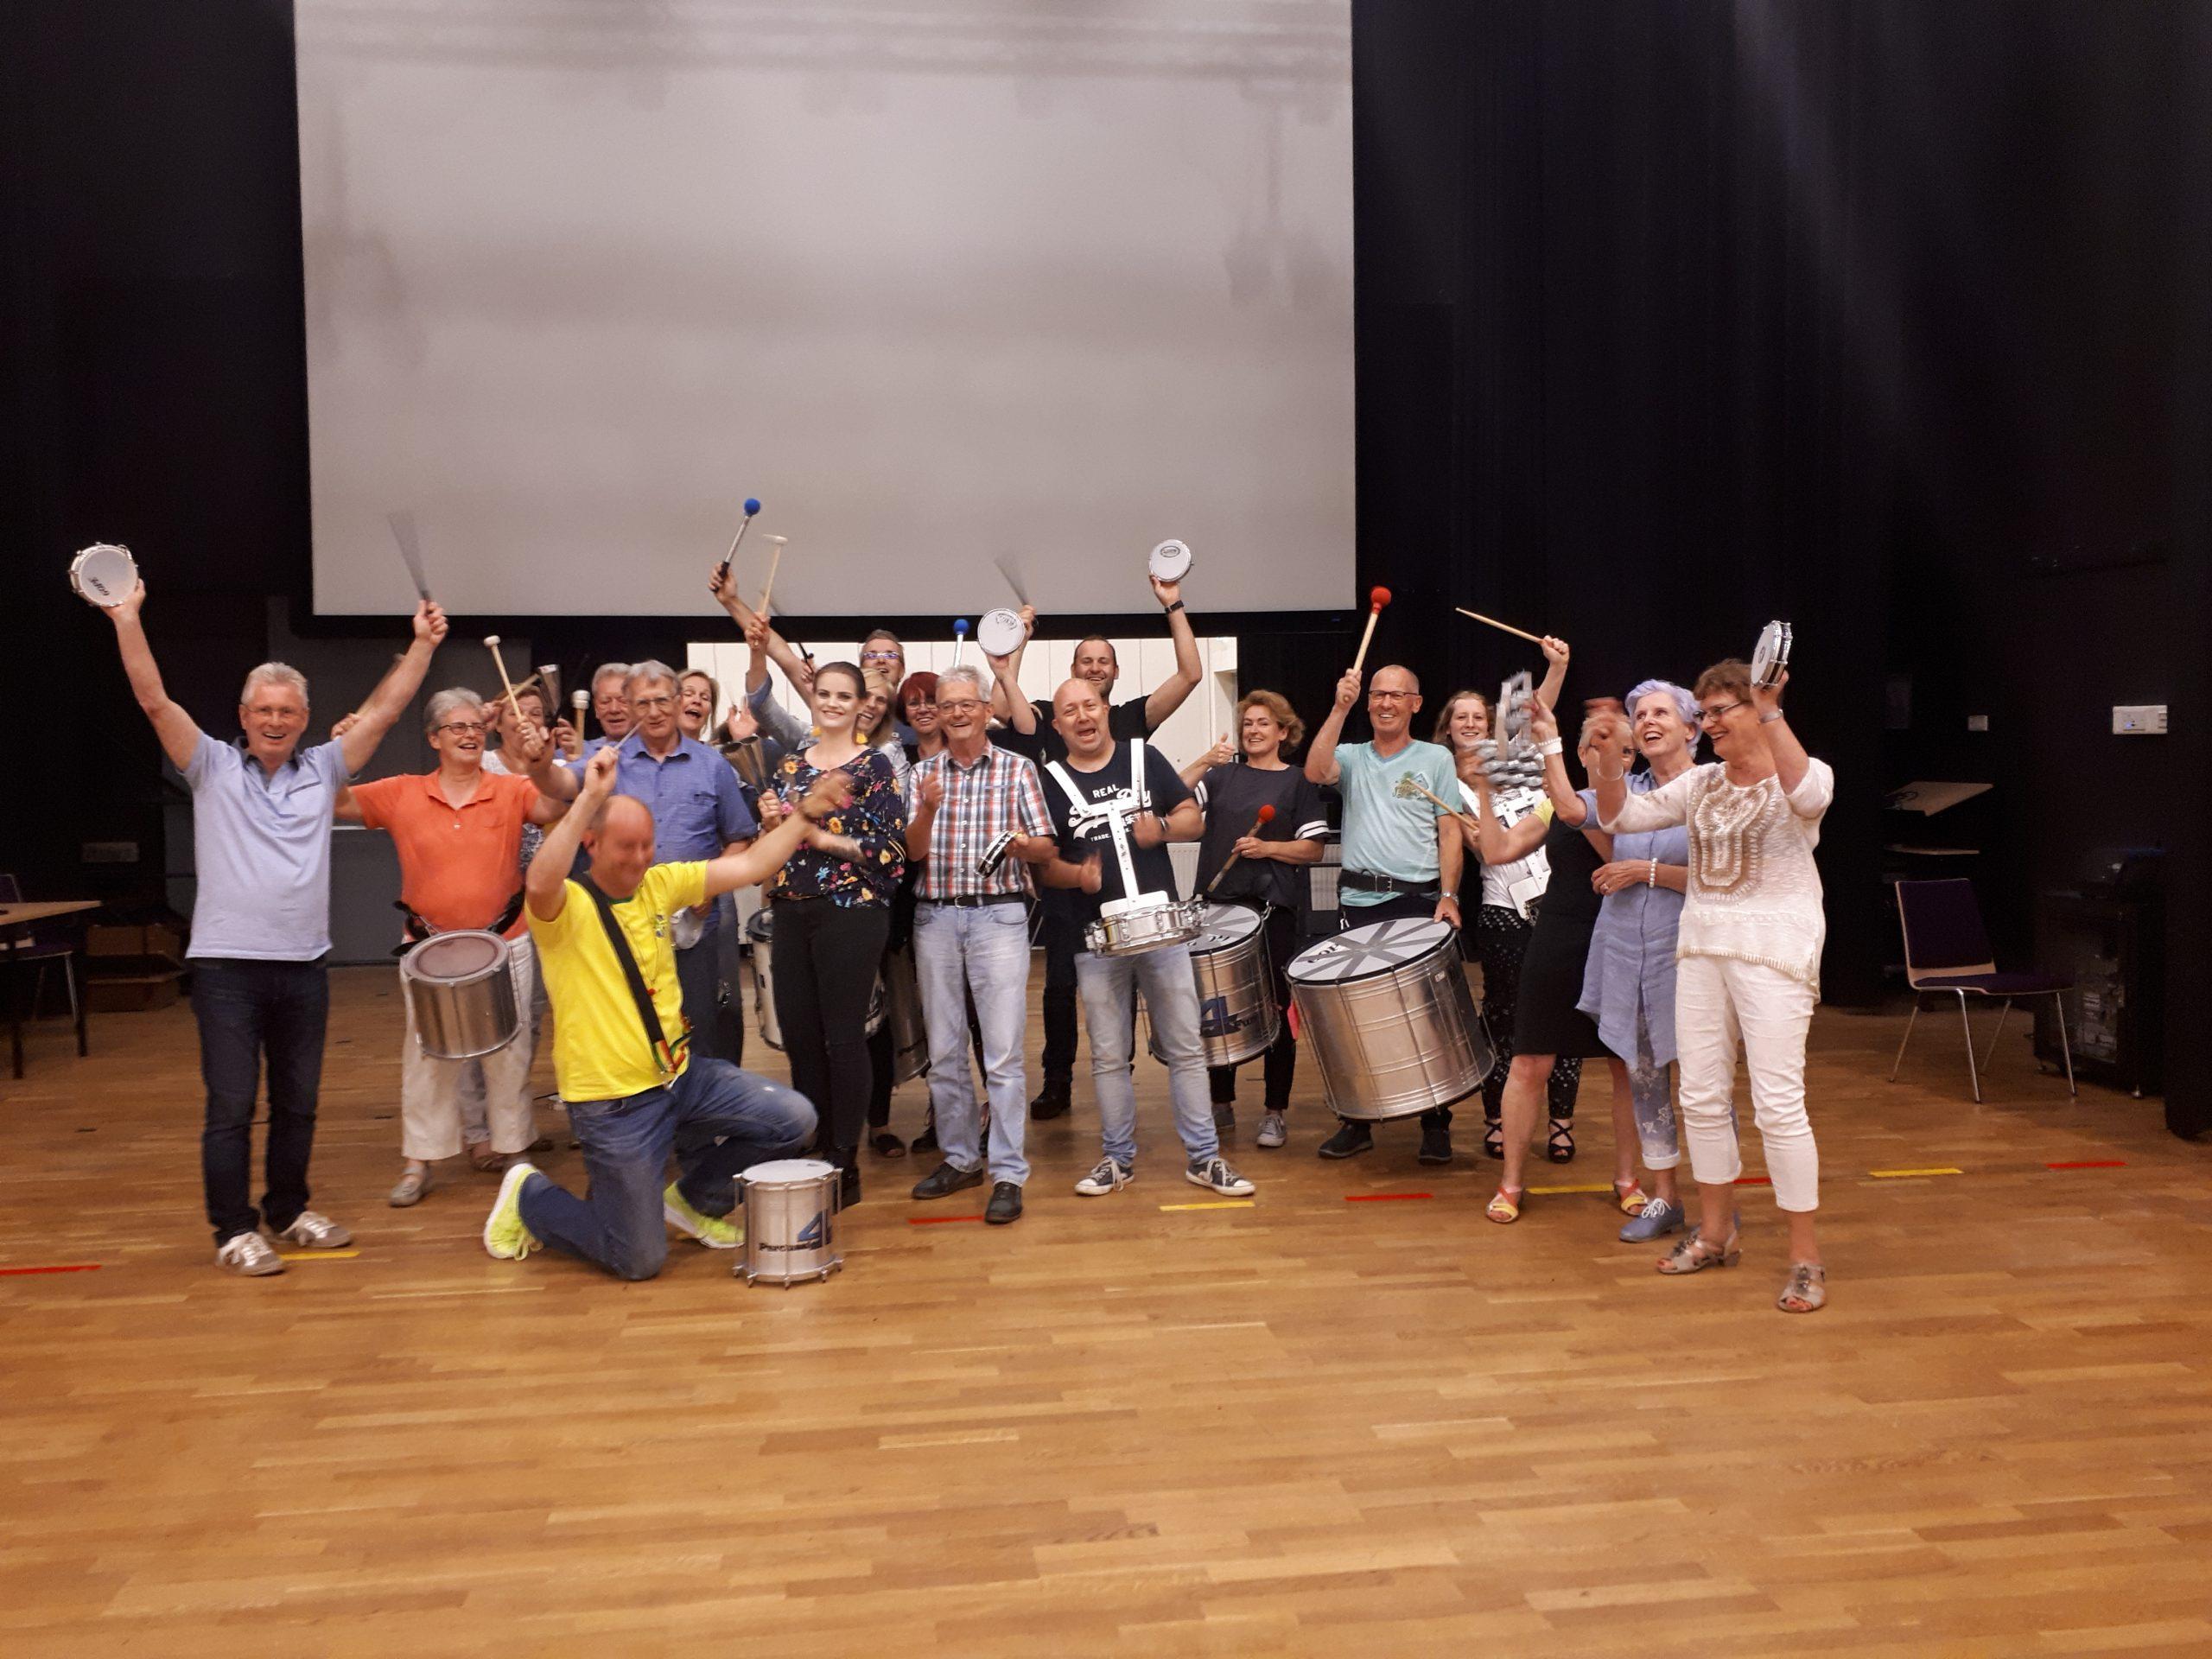 Percussie workshop Aadorp bij locatie t Aahoes in Aadorp in Nederland.